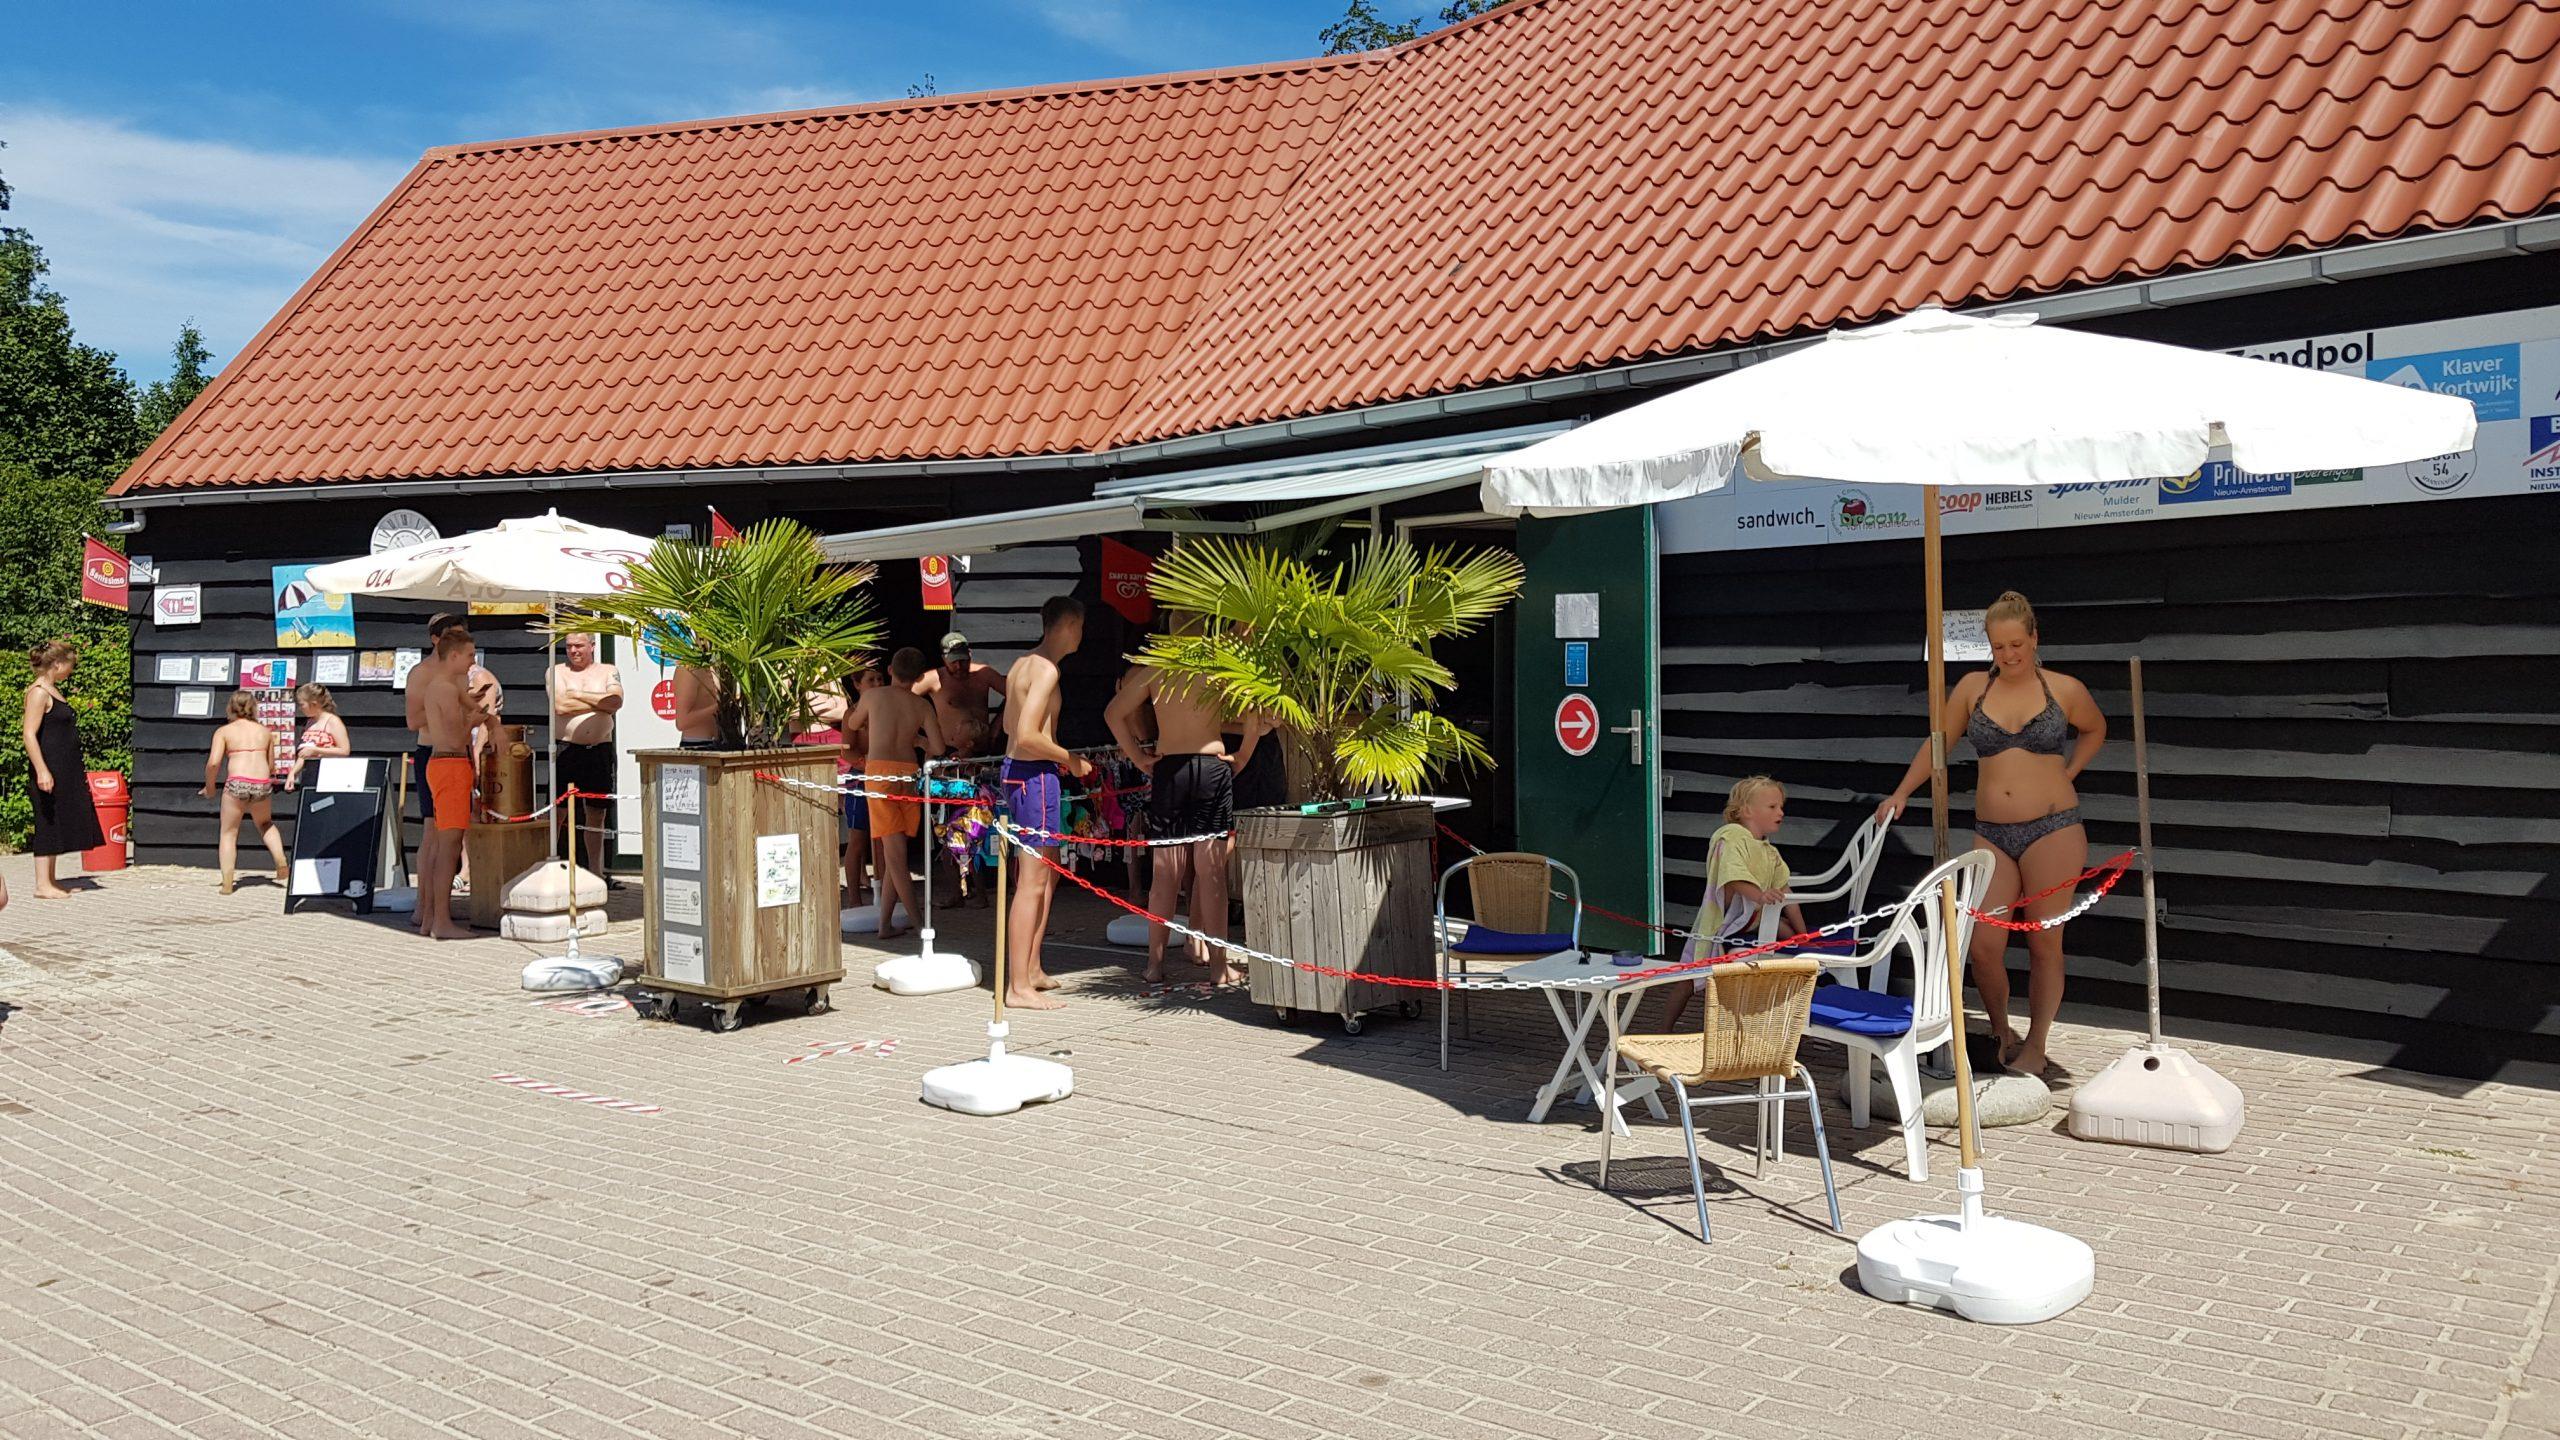 Kiosk bij Natuurbad de Zandpol